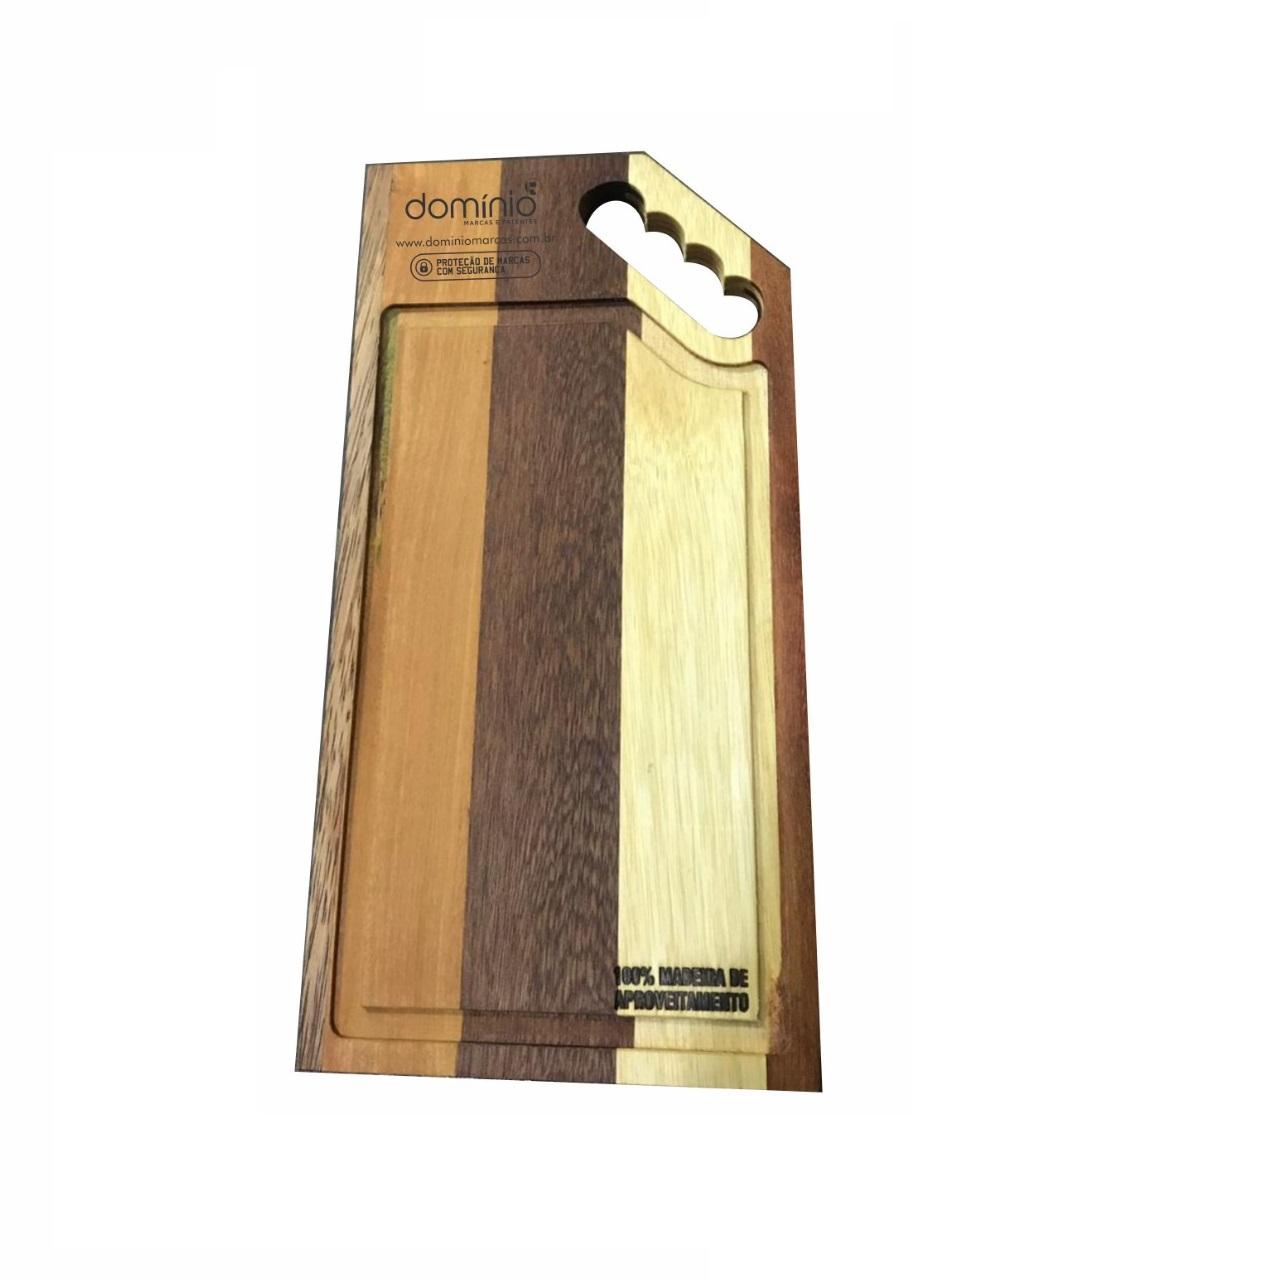 Tábua em madeira